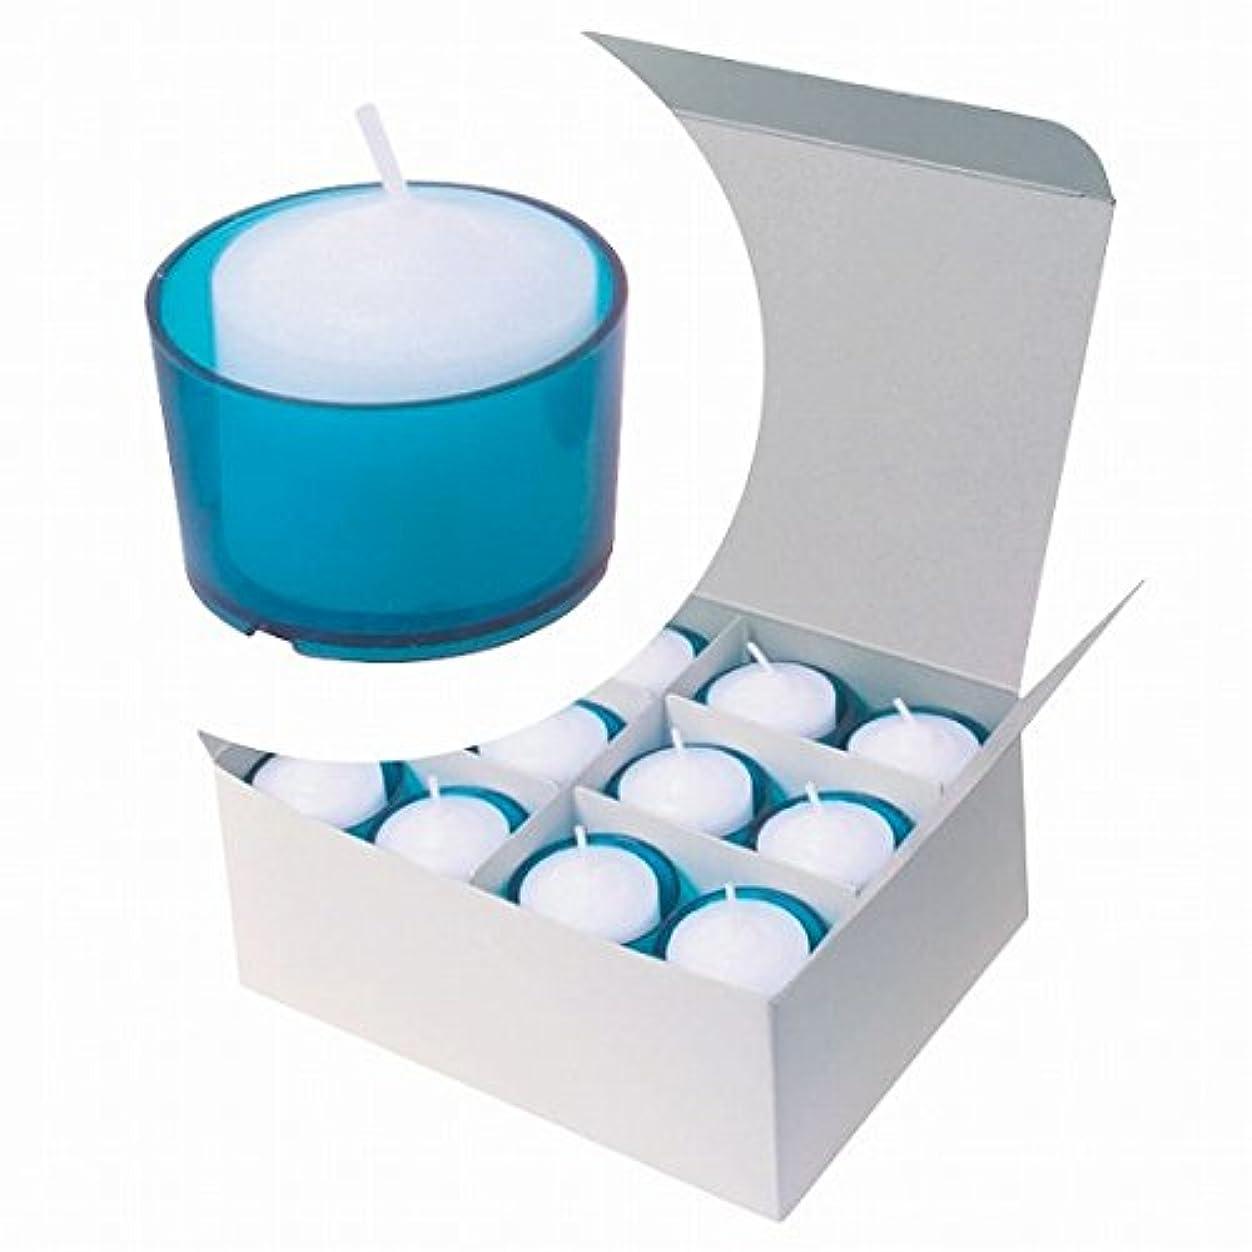 チャンピオンシップガイダンス有害カメヤマキャンドル(kameyama candle) カラークリアカップボーティブ6時間タイプ 24個入り 「 ブルー 」